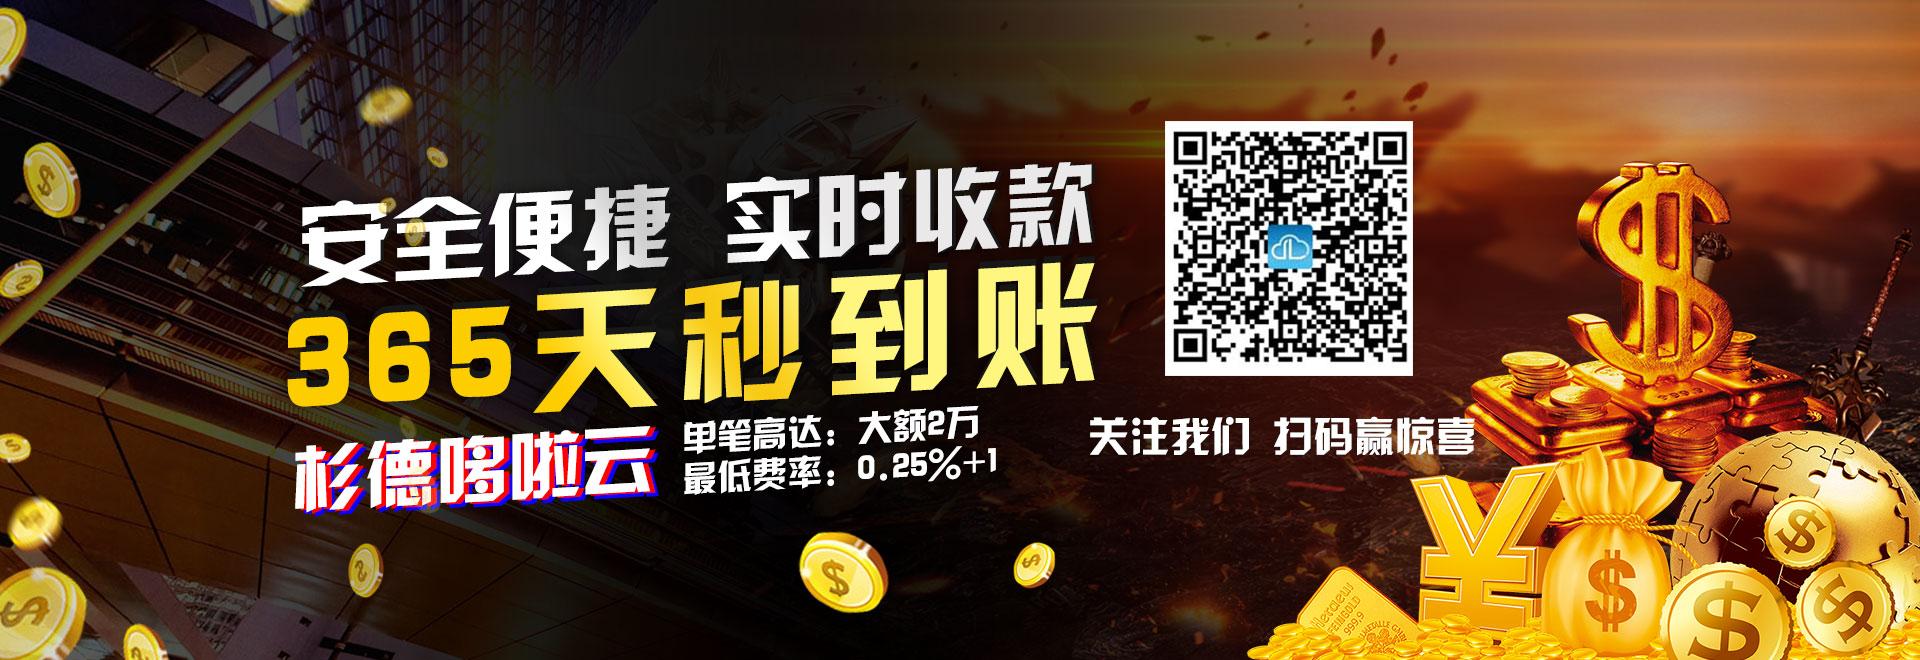 淮安艺术猪电子商务有限公司